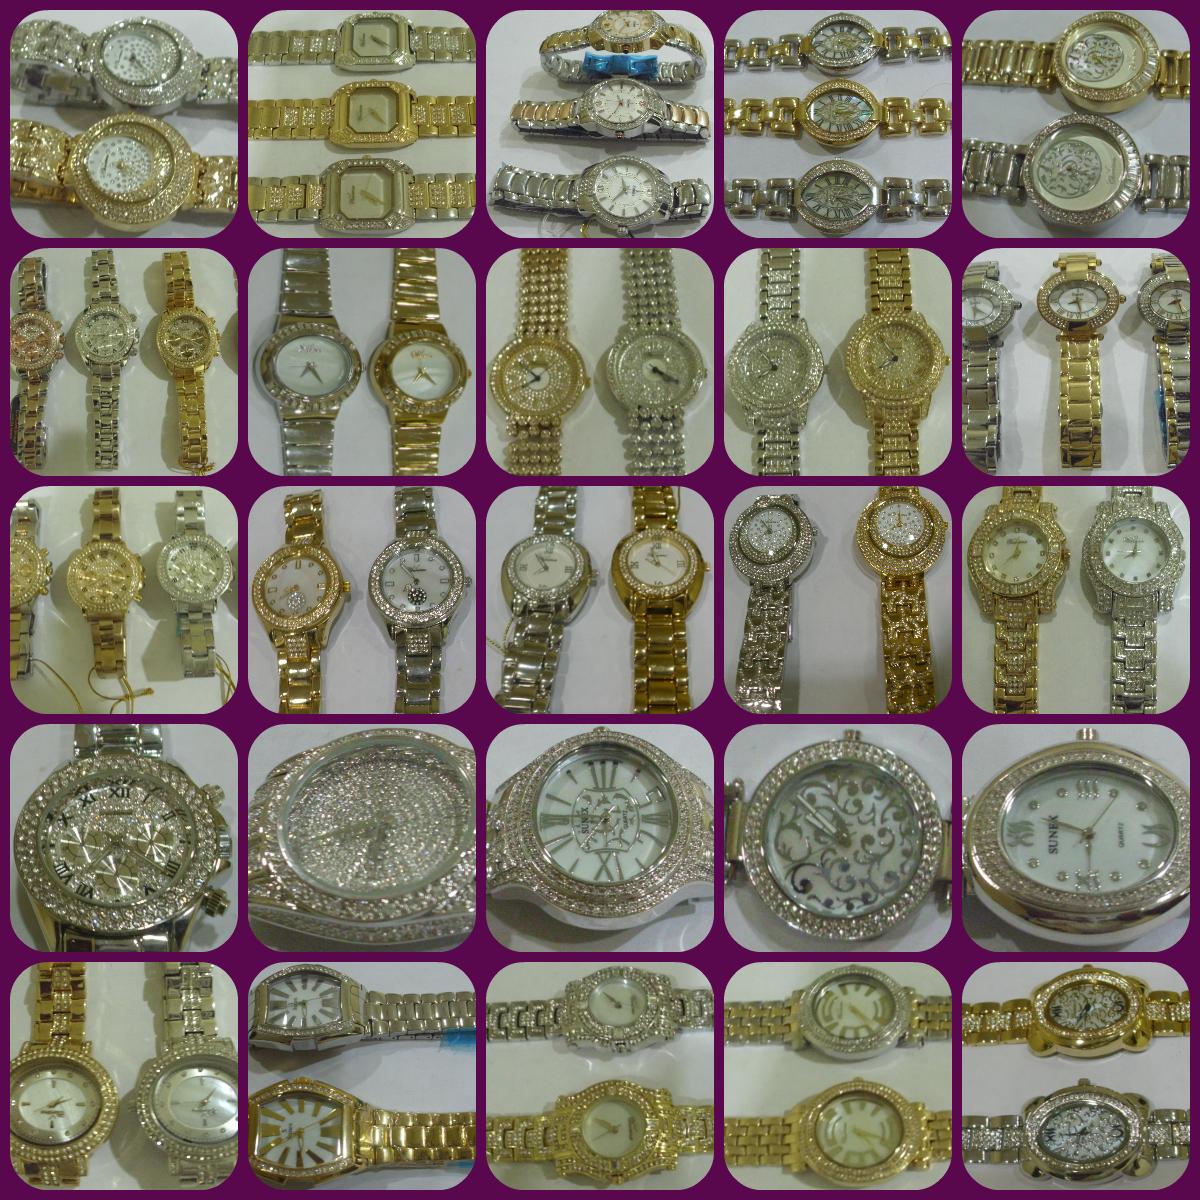 ساعة الاميرات الحية تقليد بولغري collage.jpg